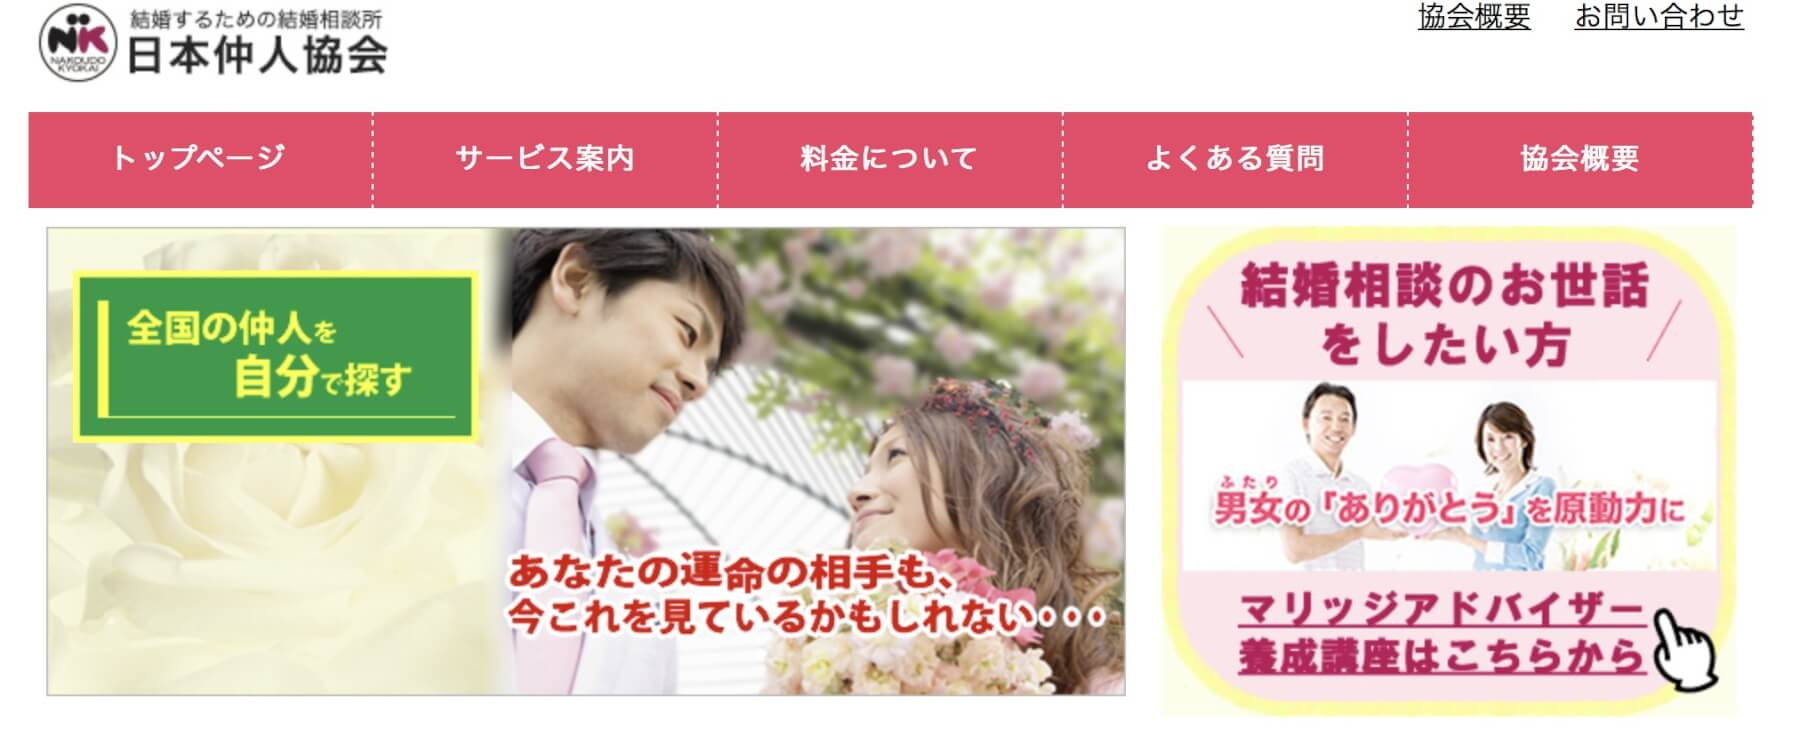 岐阜でおすすめの結婚相談所ランキング:仲人協会